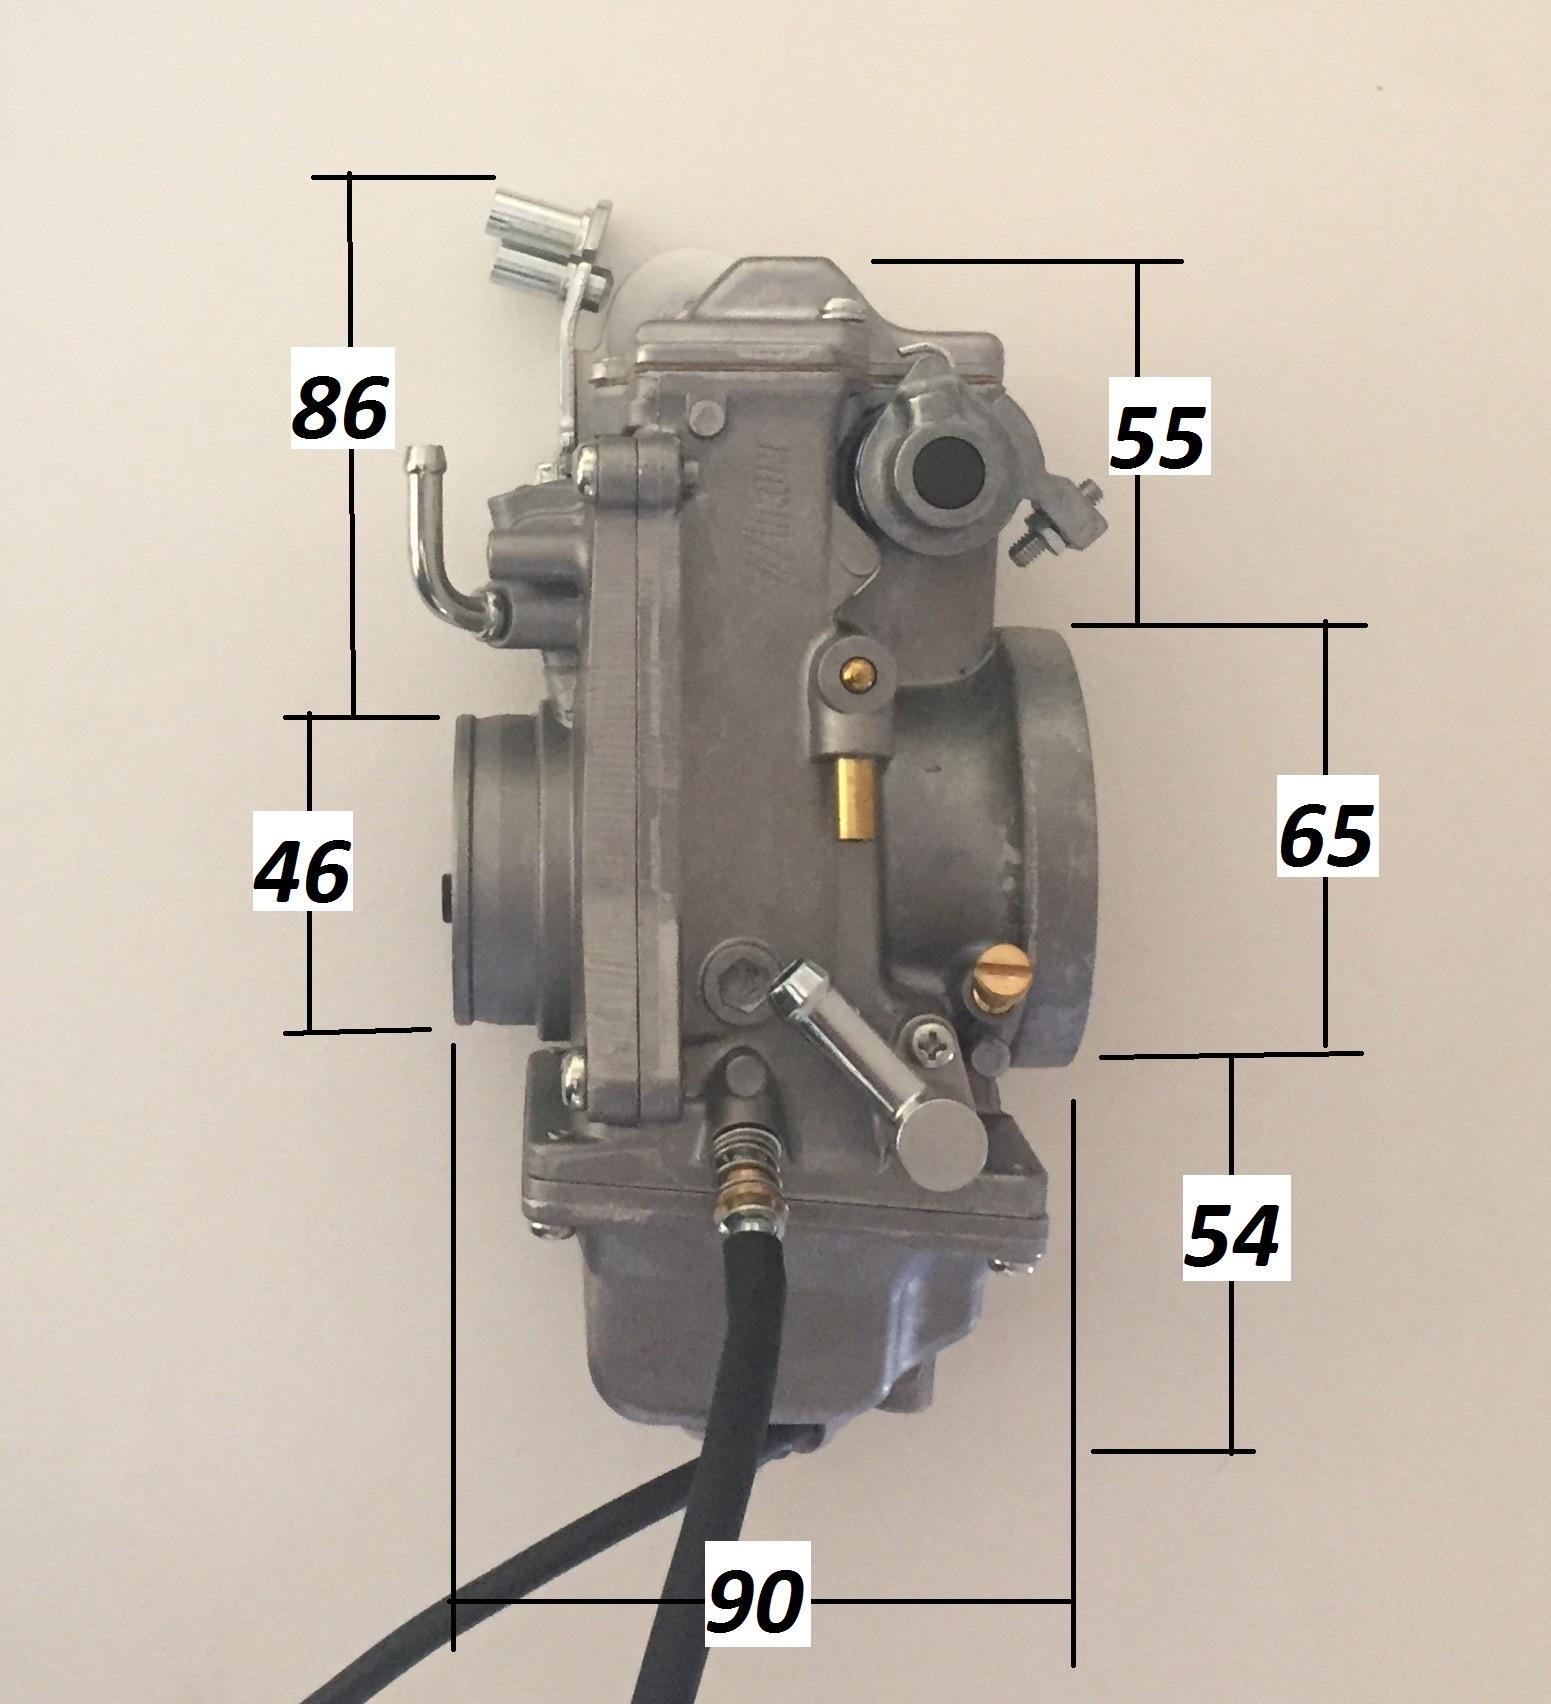 1  TM42-6, HSR 42mm Mikuni Carburetor, Natural or Polished/Chrome